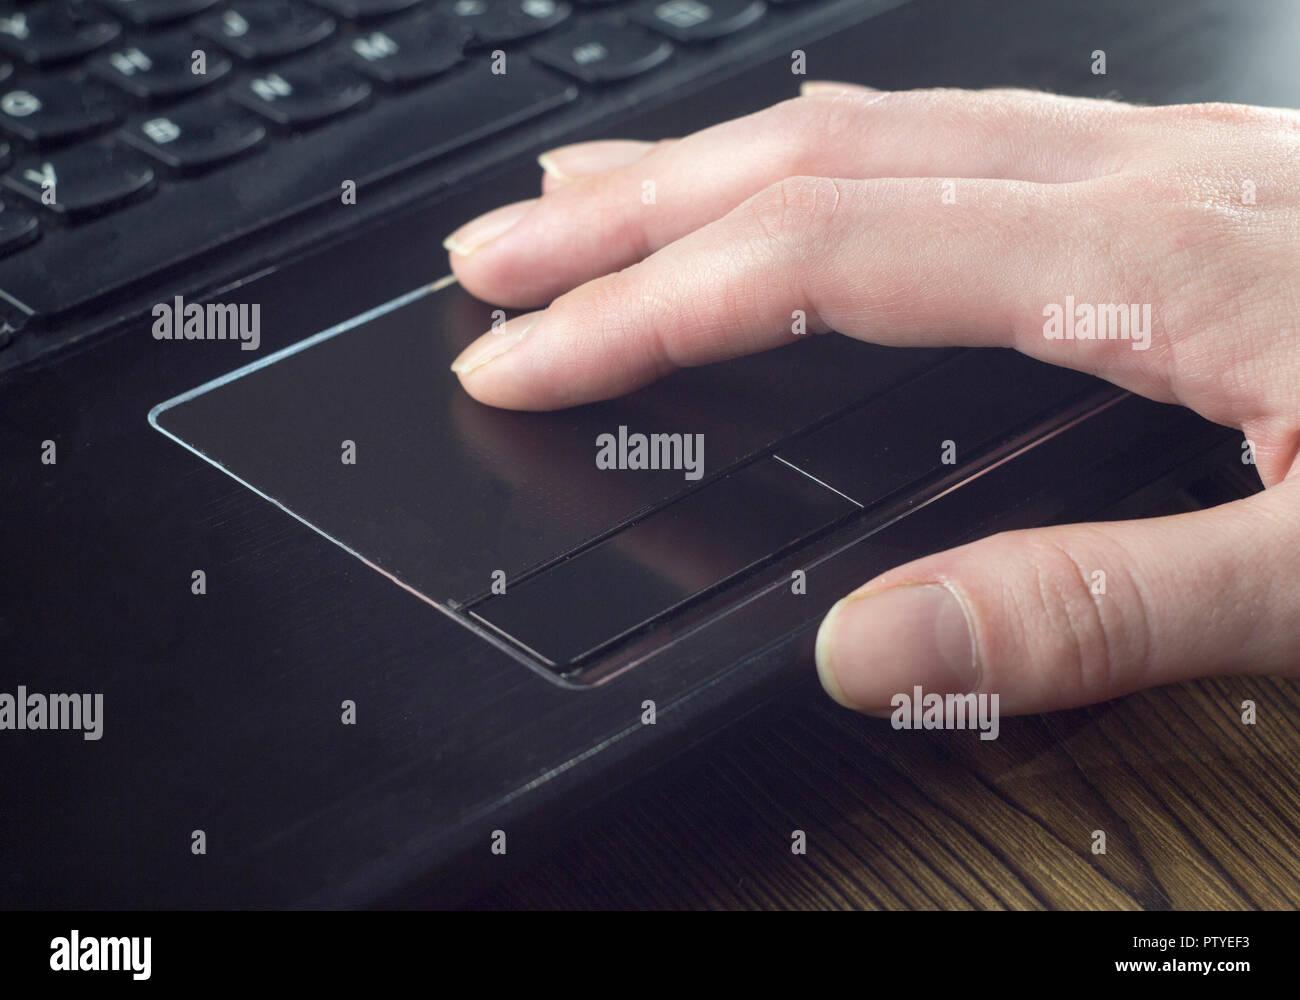 Mano en el touchpad del portátil Imagen De Stock